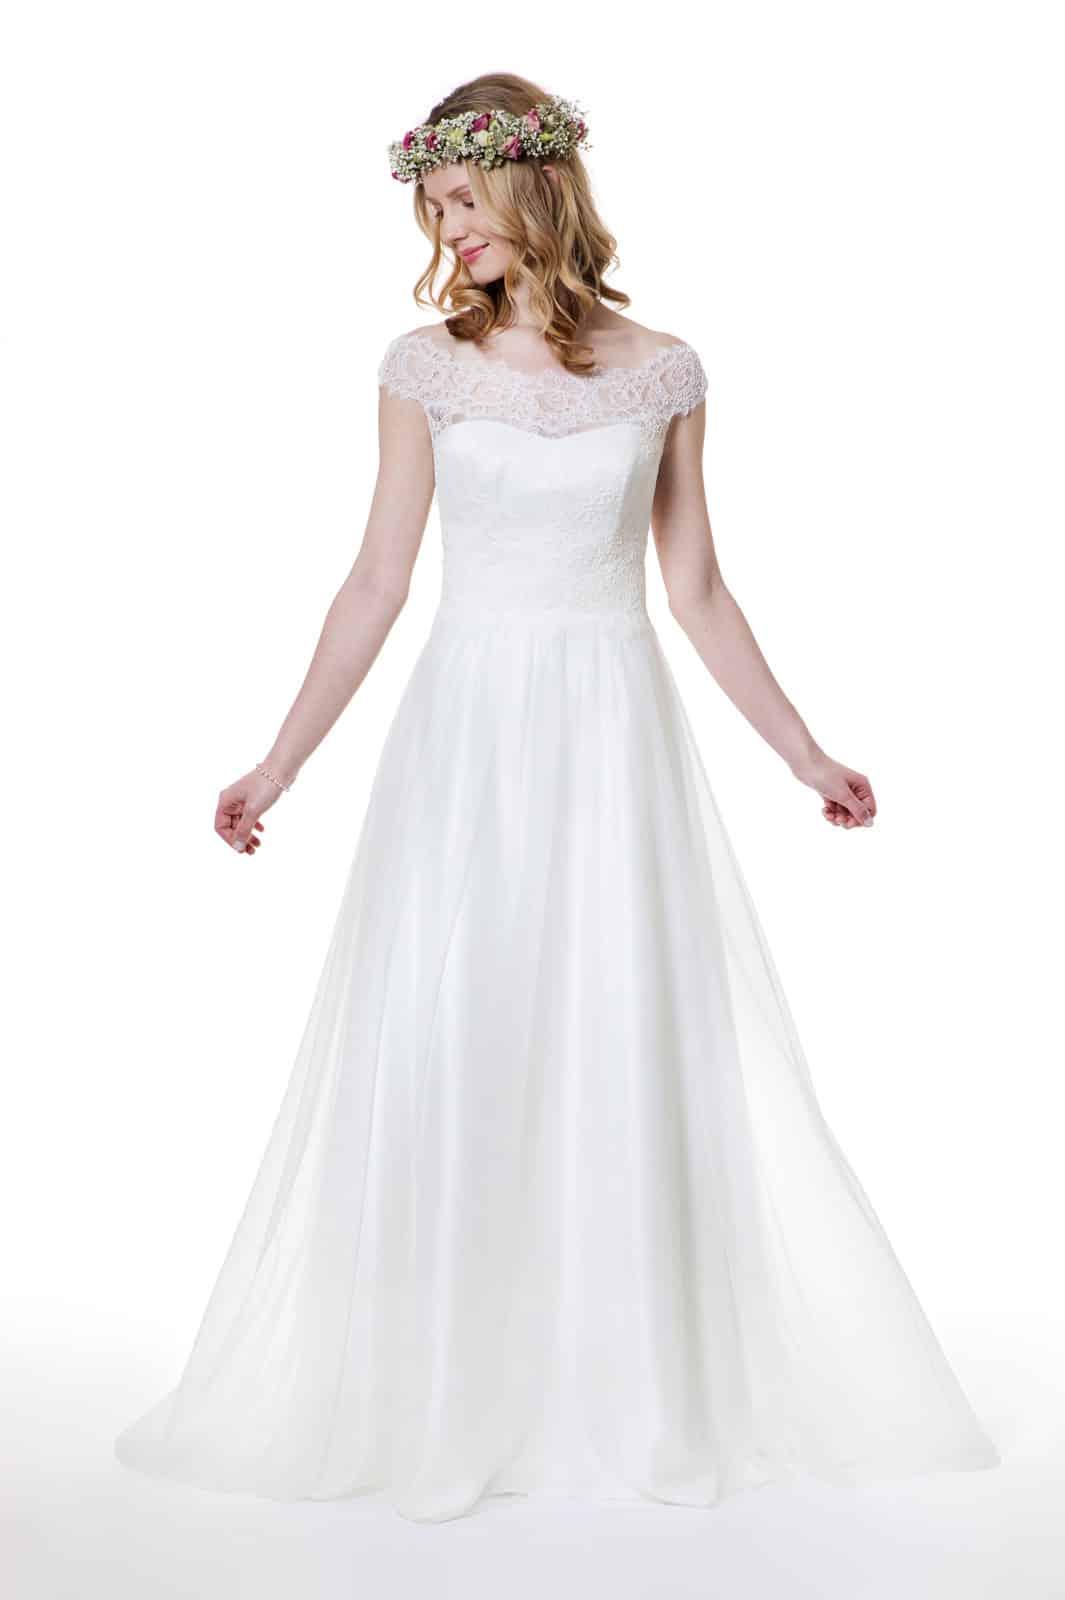 Brautkleider › Das Braut Atelier - Christina Busch › Brautkleider in ...